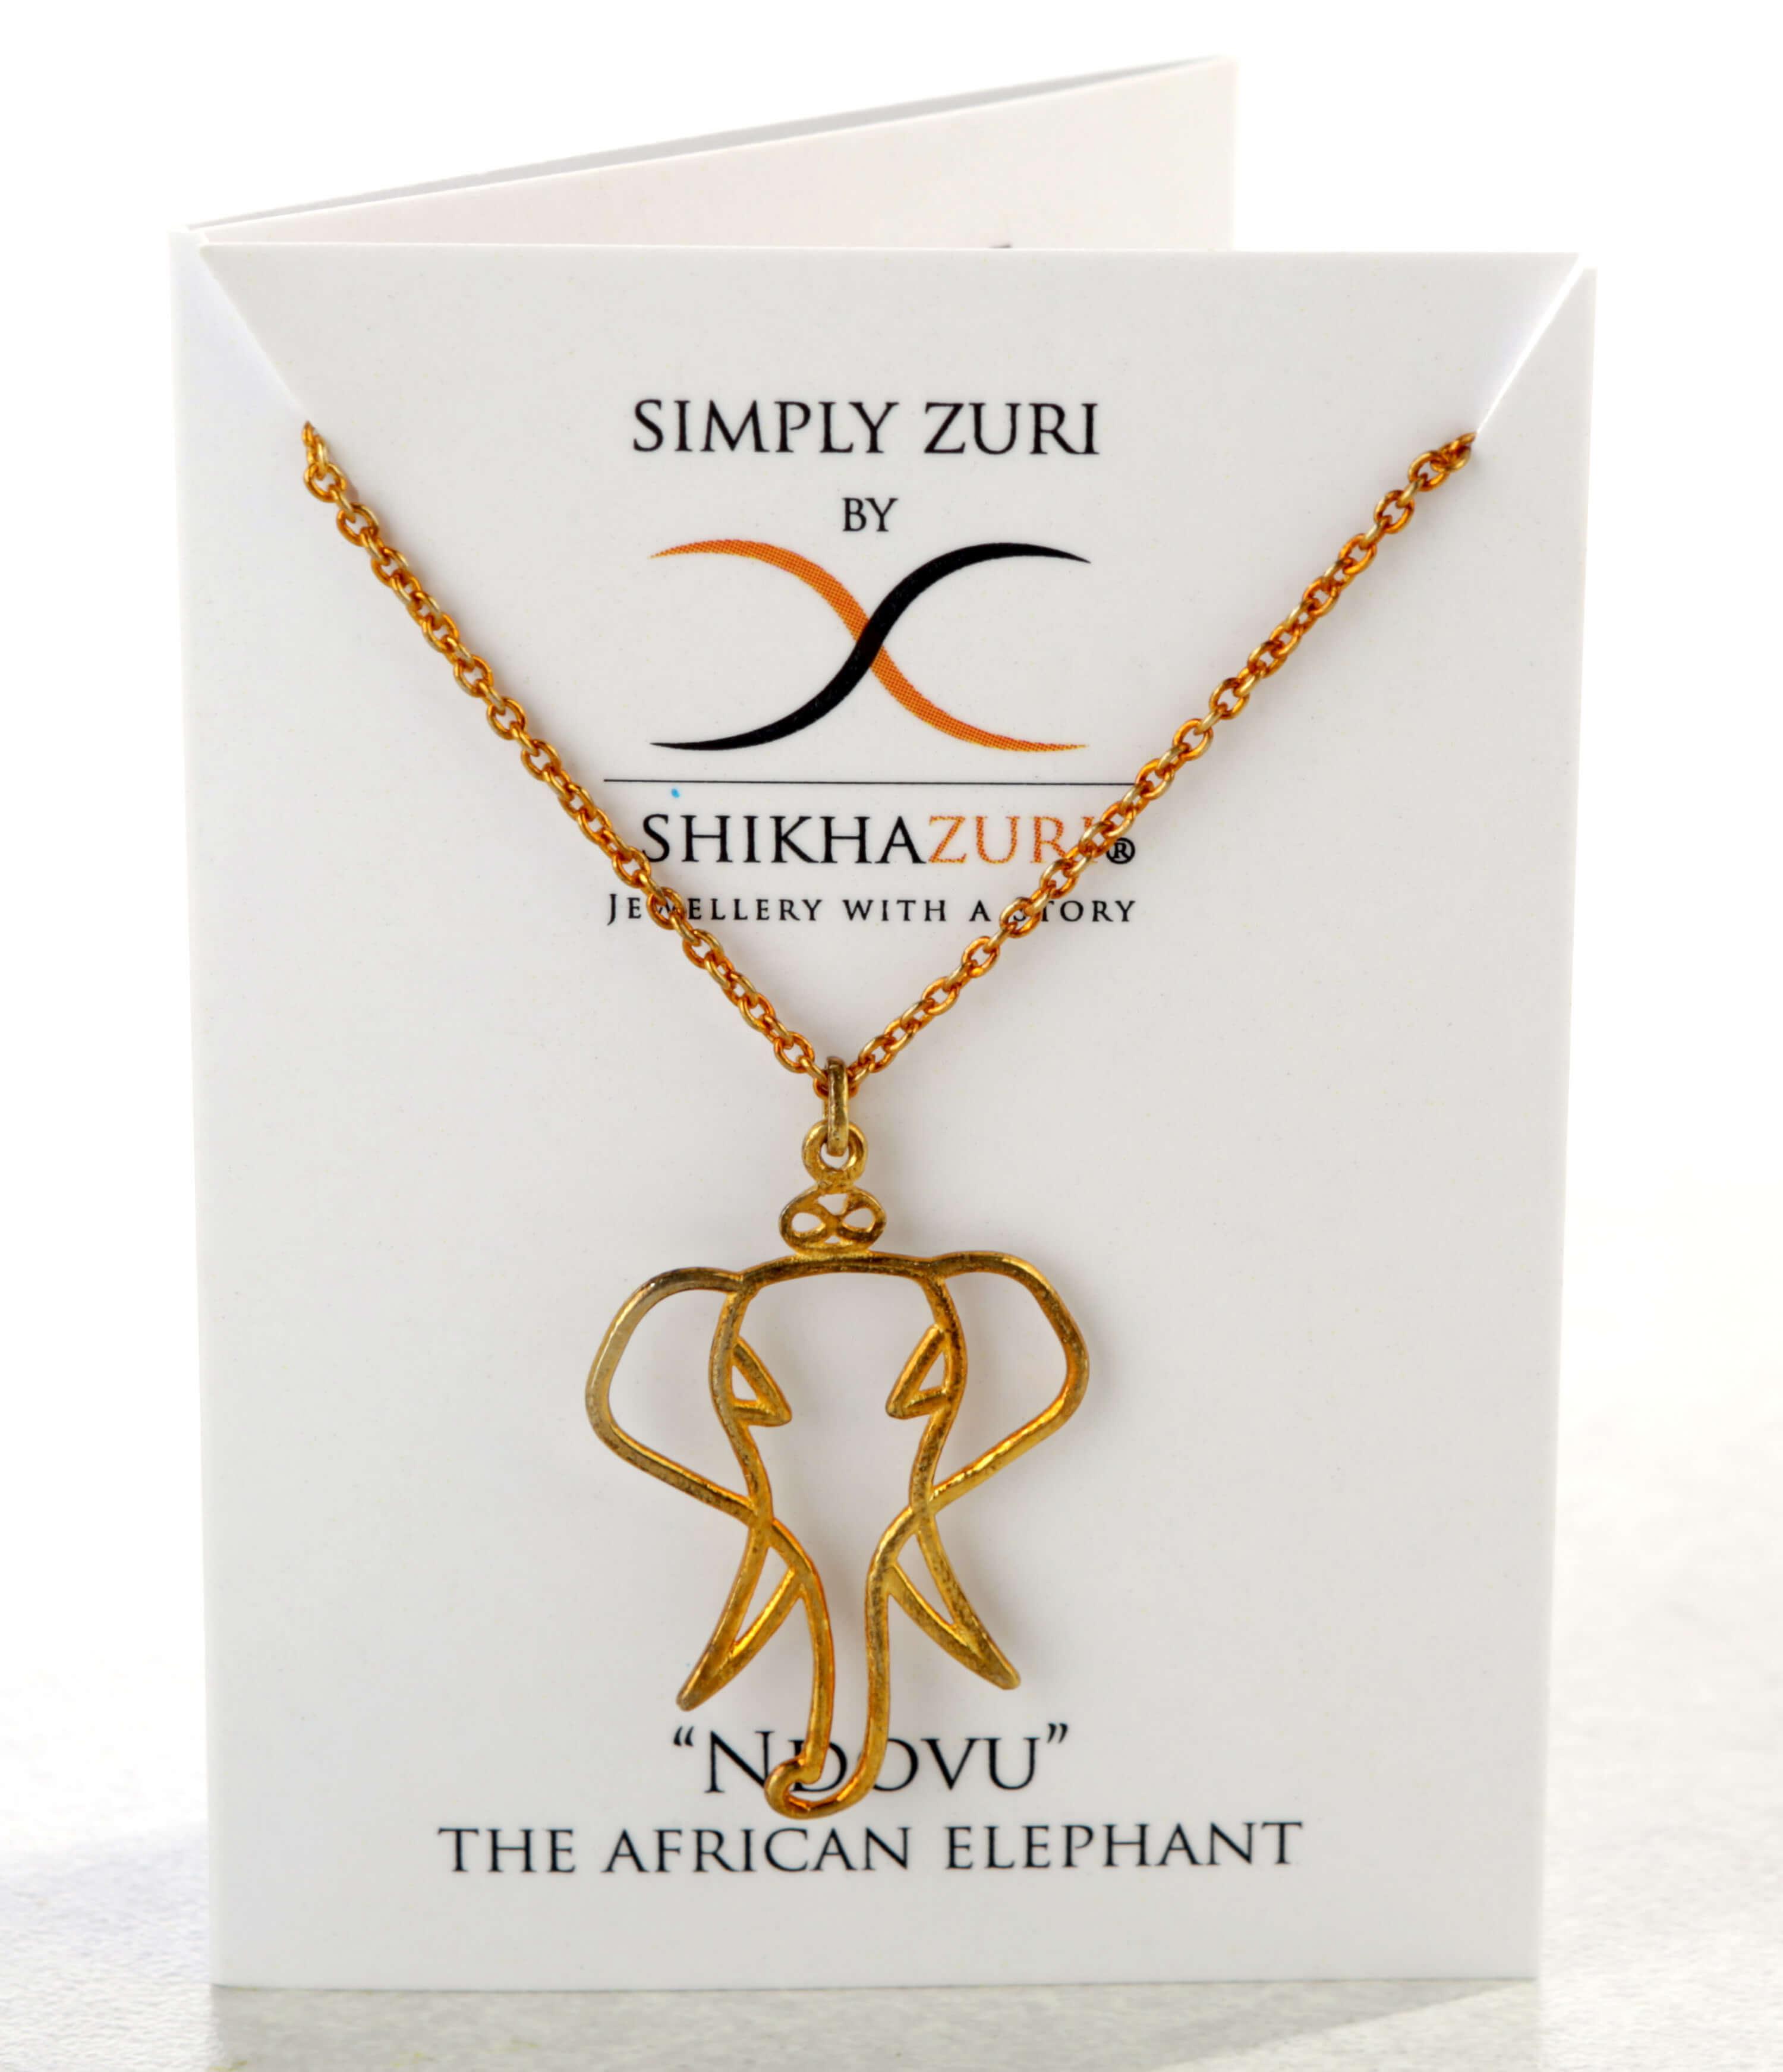 Simply Zuri elephant necklace